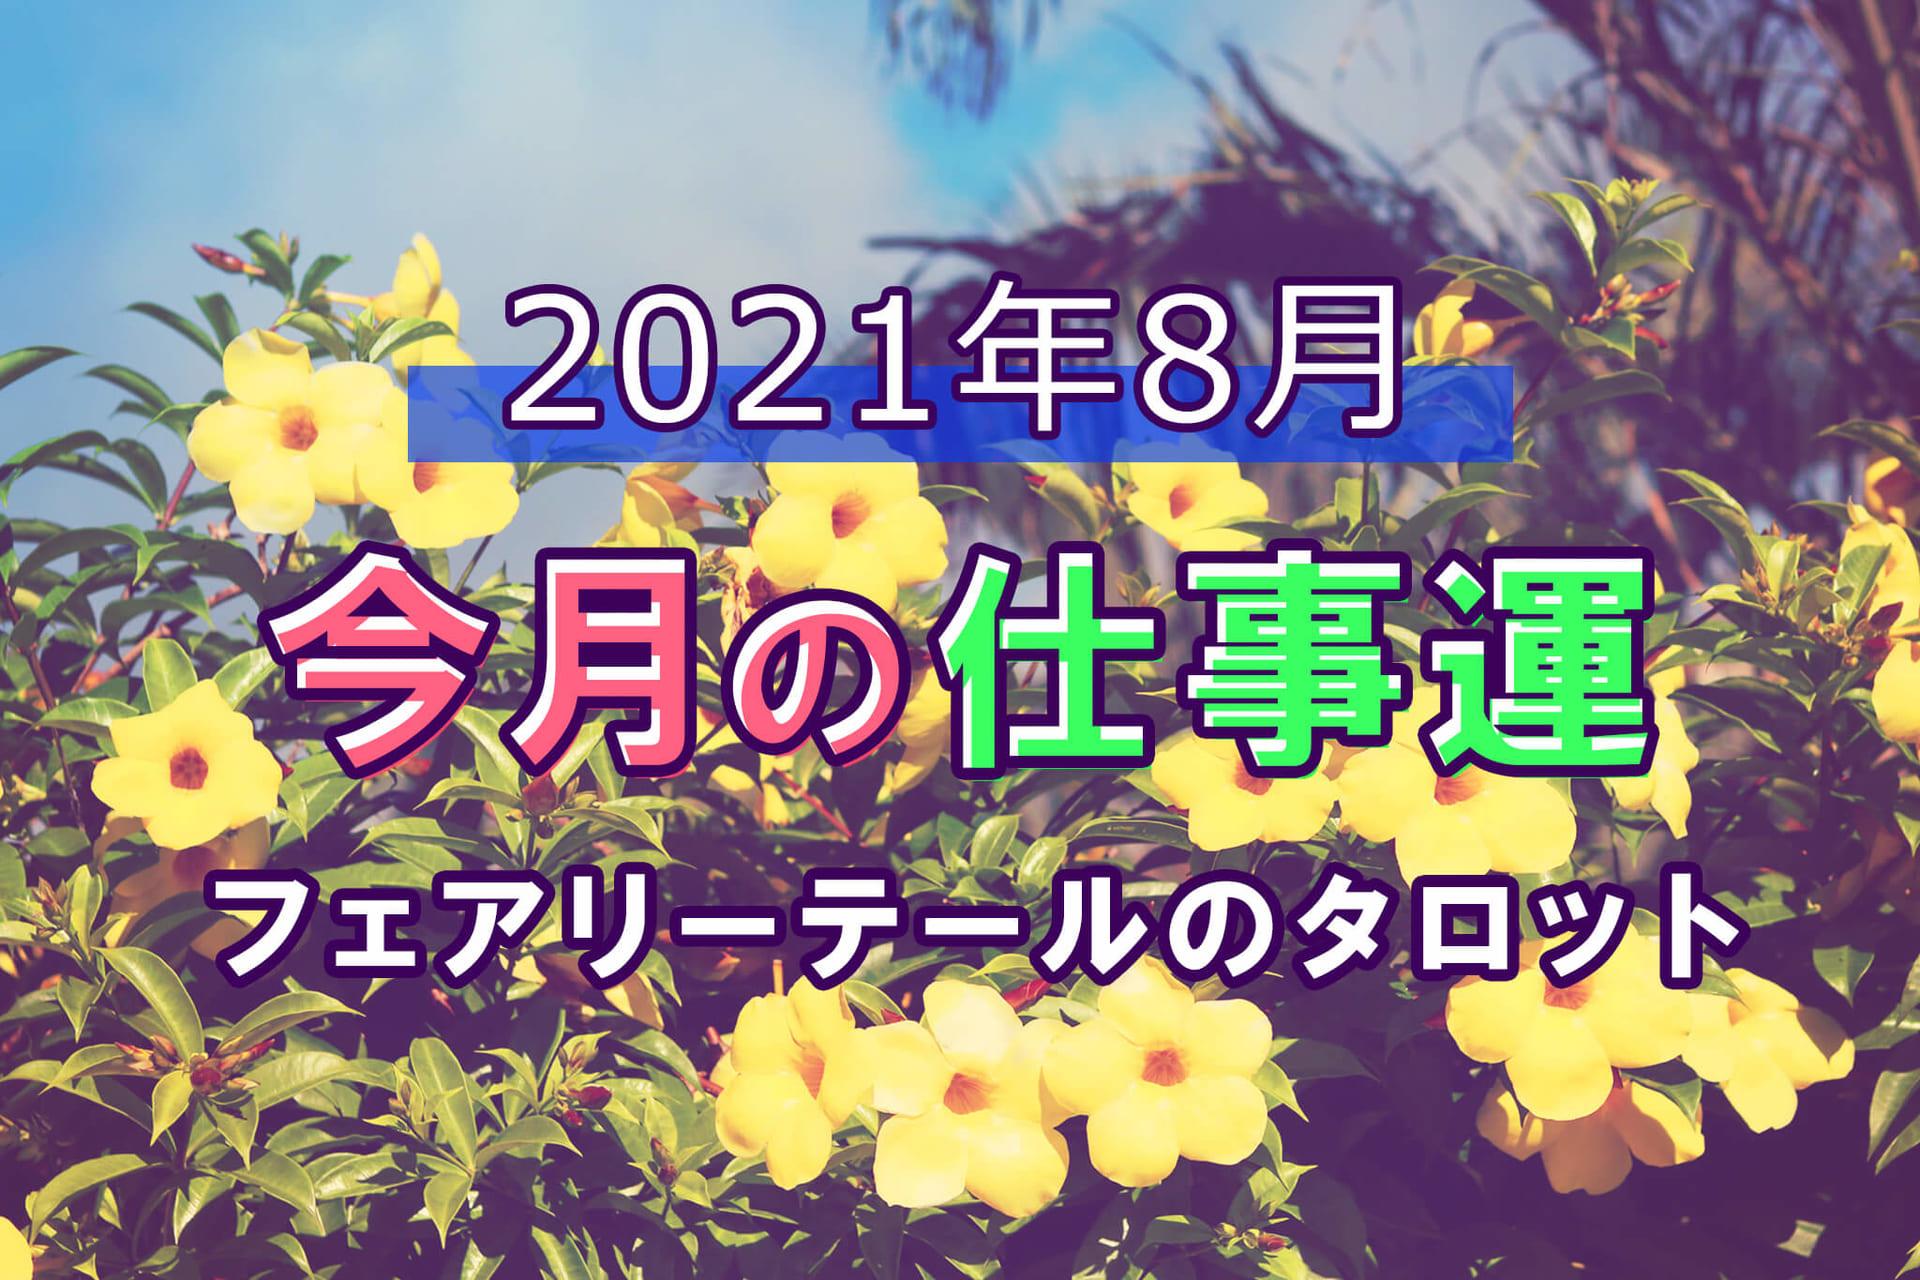 【今月の仕事運】2021年8月*フェアリーテールのタロット占い